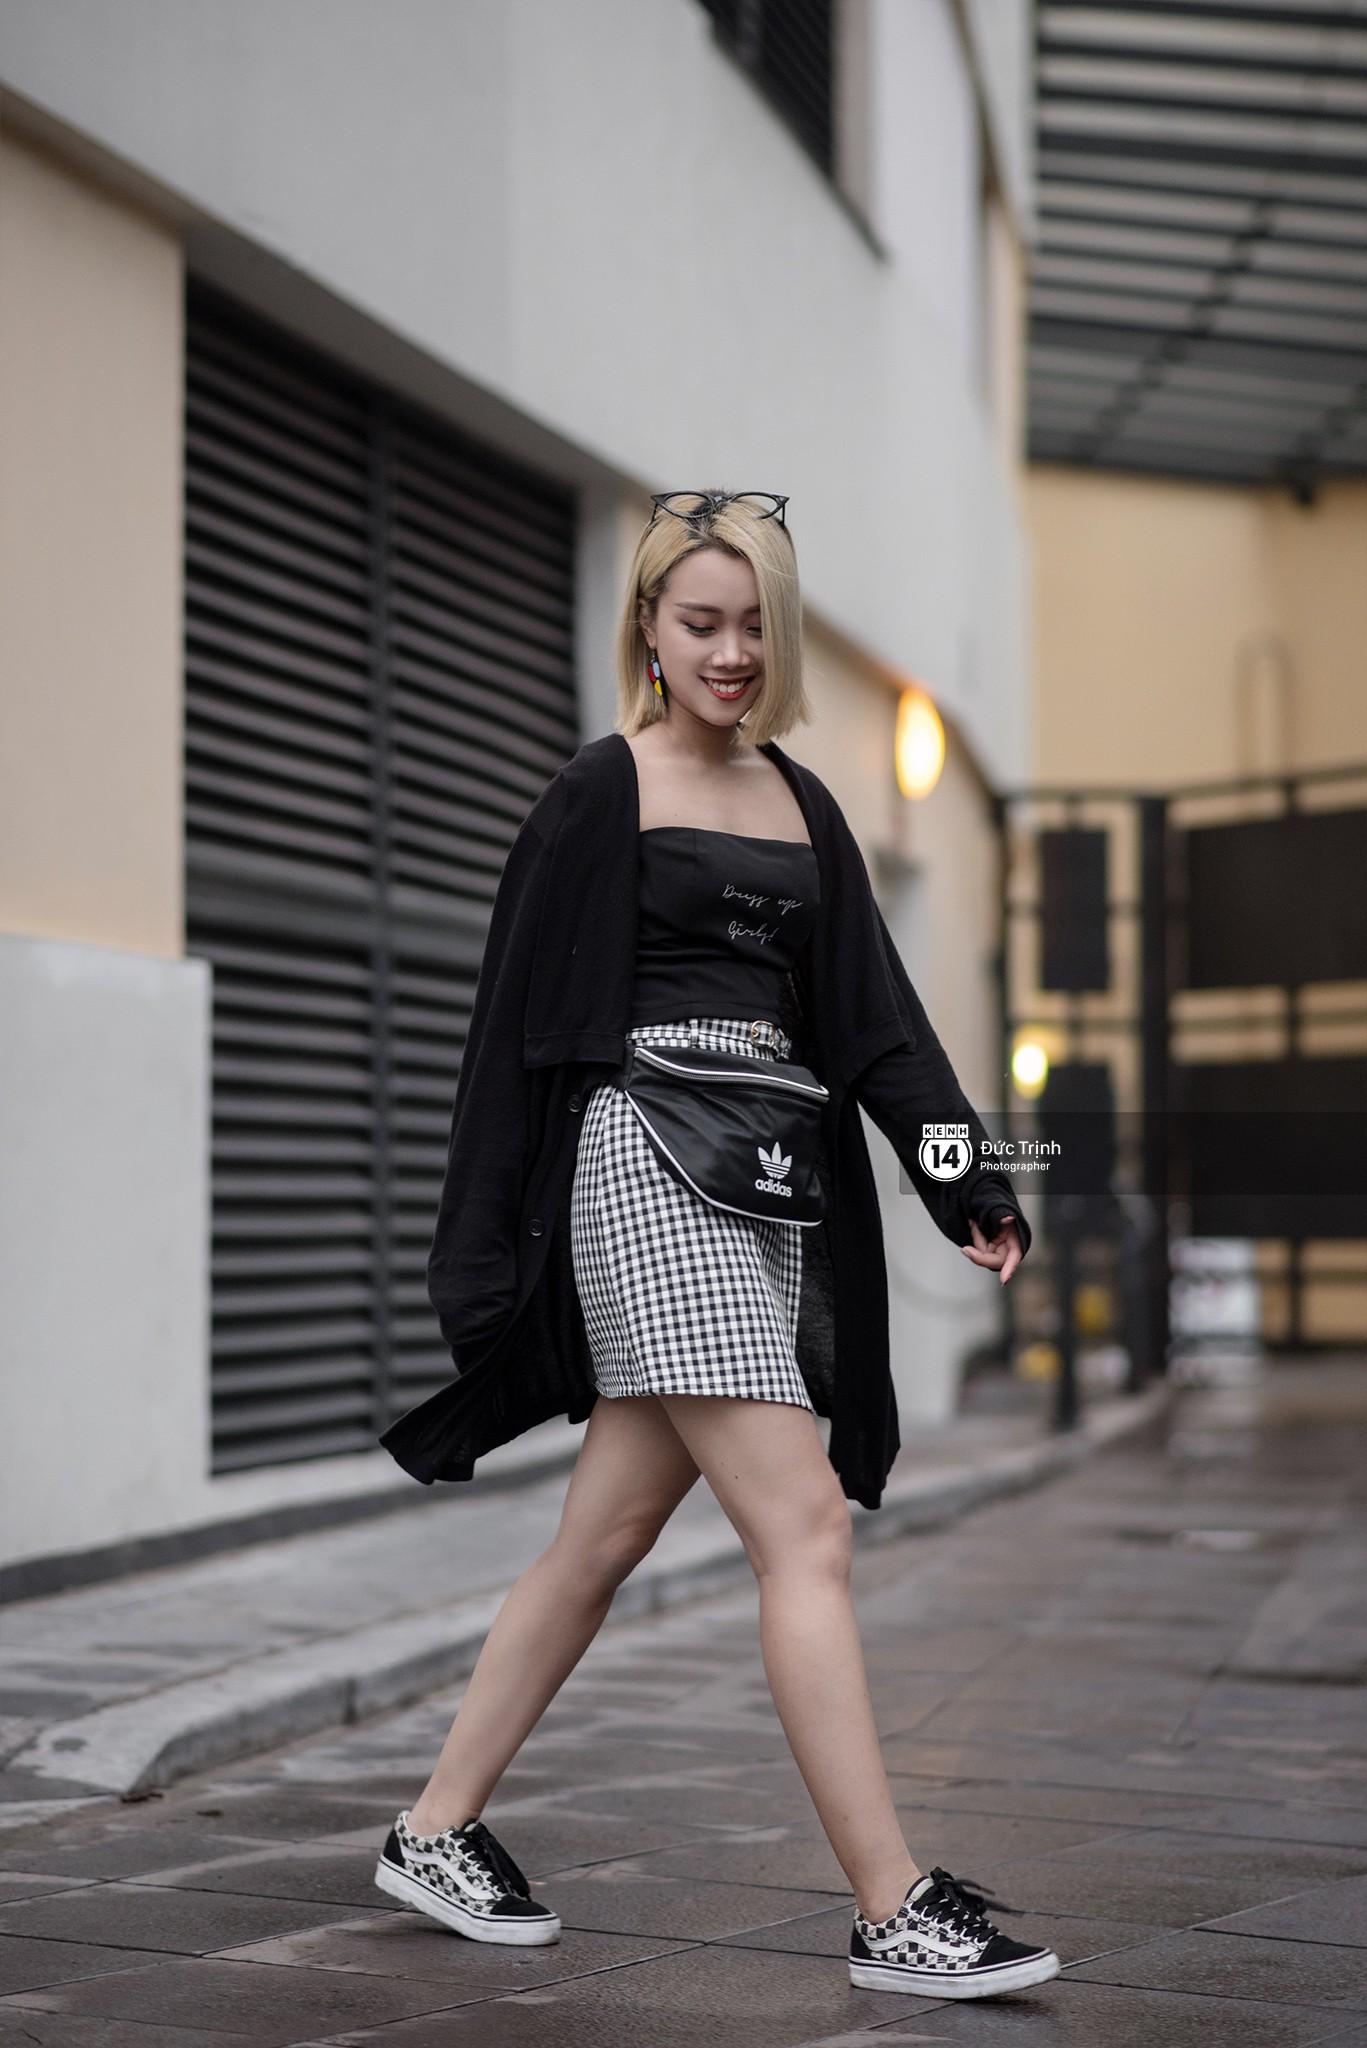 Giới trẻ 2 miền chinh phục loạt hot trend, khoe street style siêu cool và thời thượng - Ảnh 16.